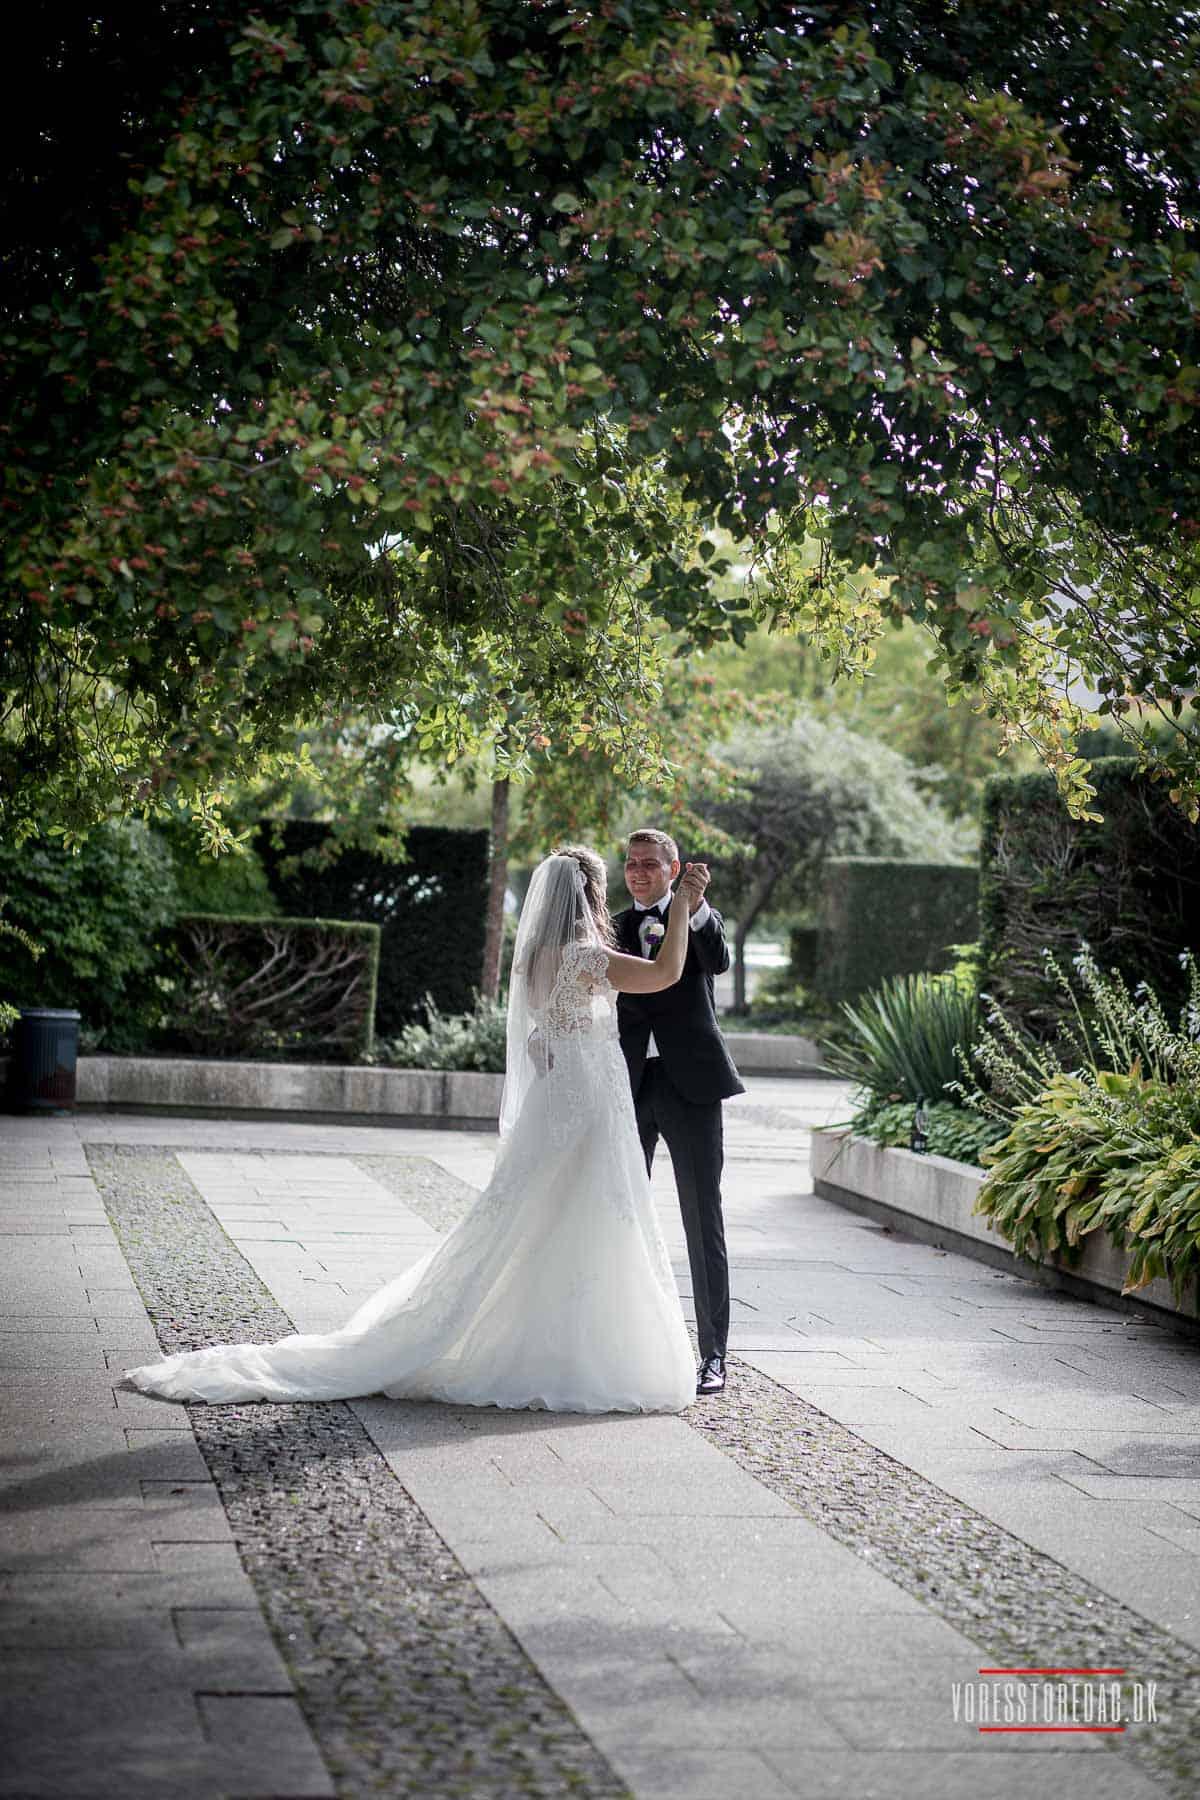 Billeder af bryllupsbilleder kbh